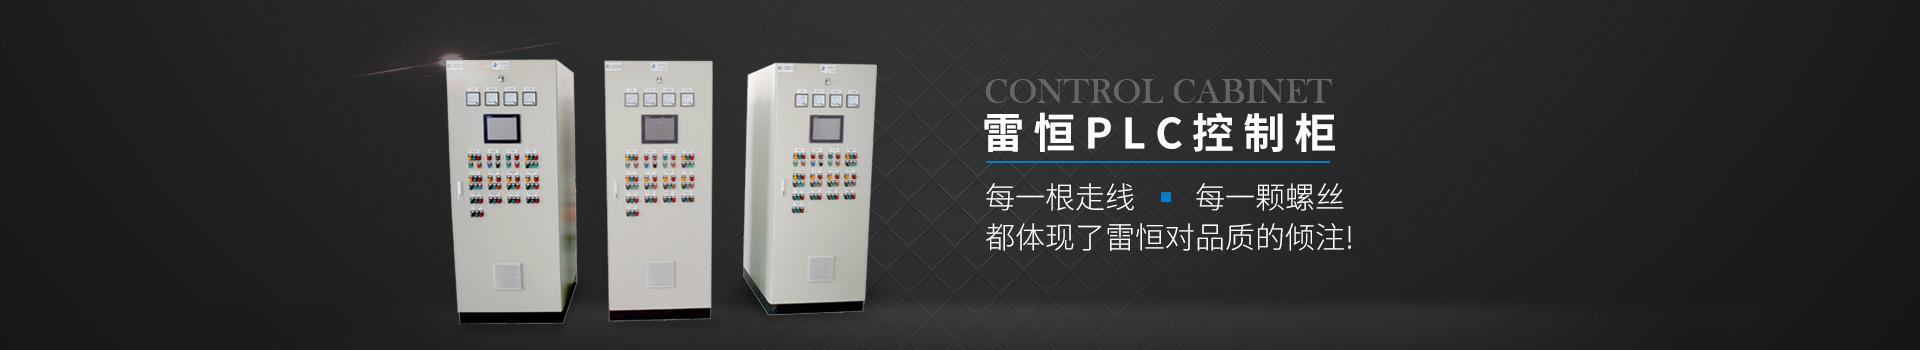 雷恒PLC控制柜 每一根走线 每一颗螺丝都体现了雷恒对品质的倾注